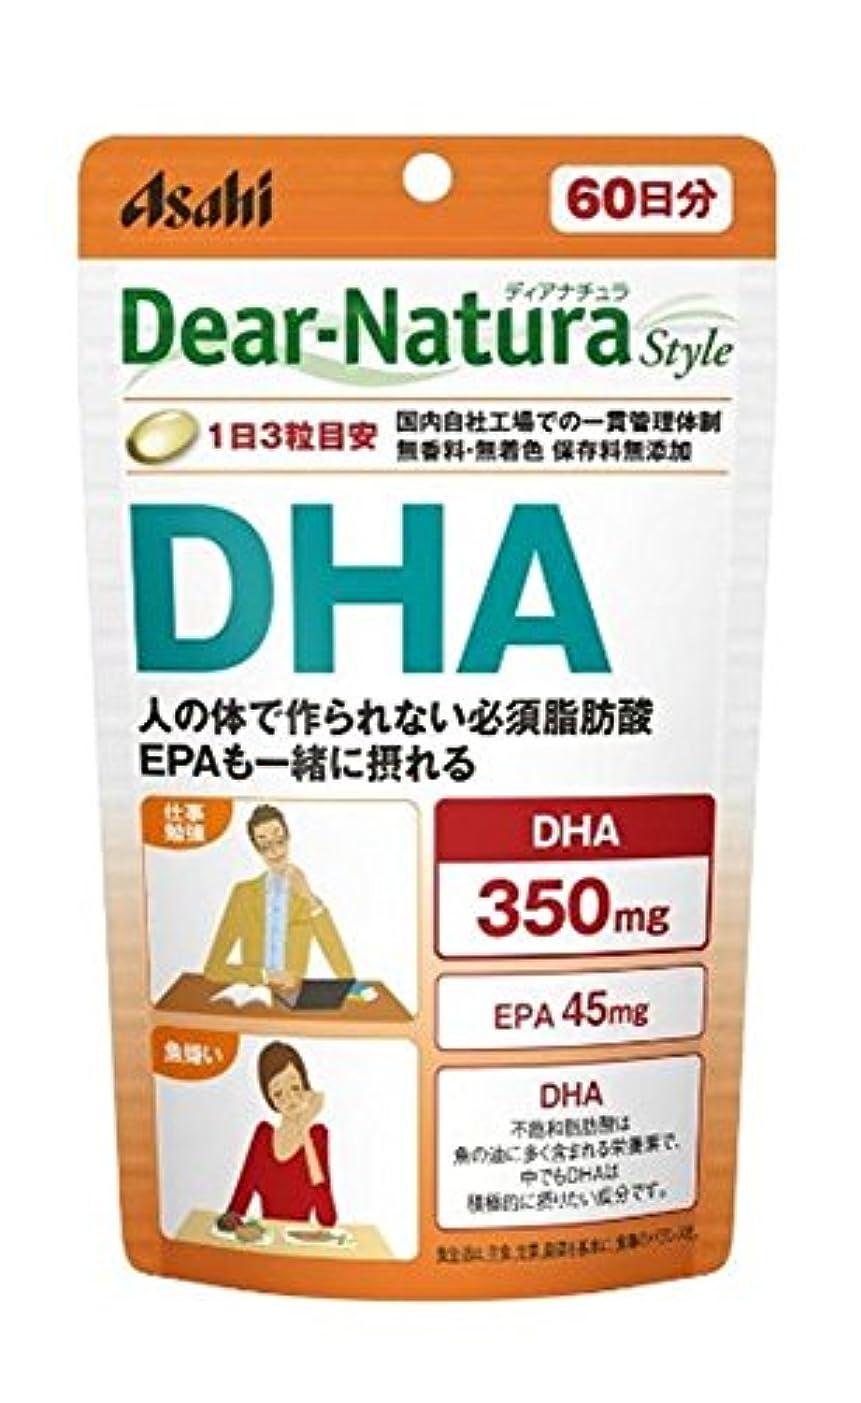 固める疾患疾患アサヒグループ食品 ディアナチュラスタイルDHA 180粒(60日分)